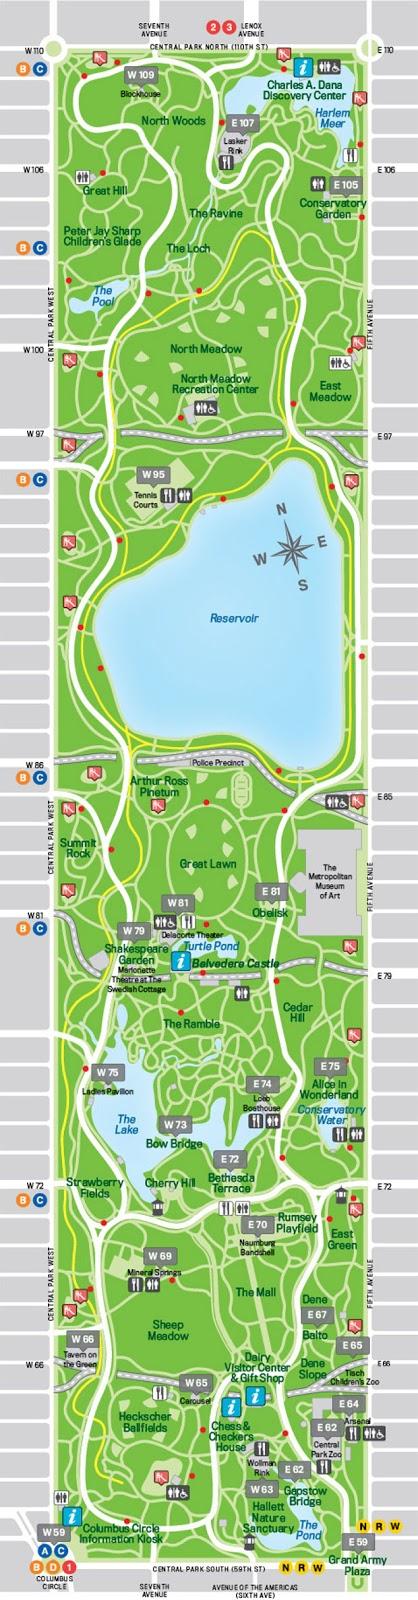 Guia de Central Park mapa